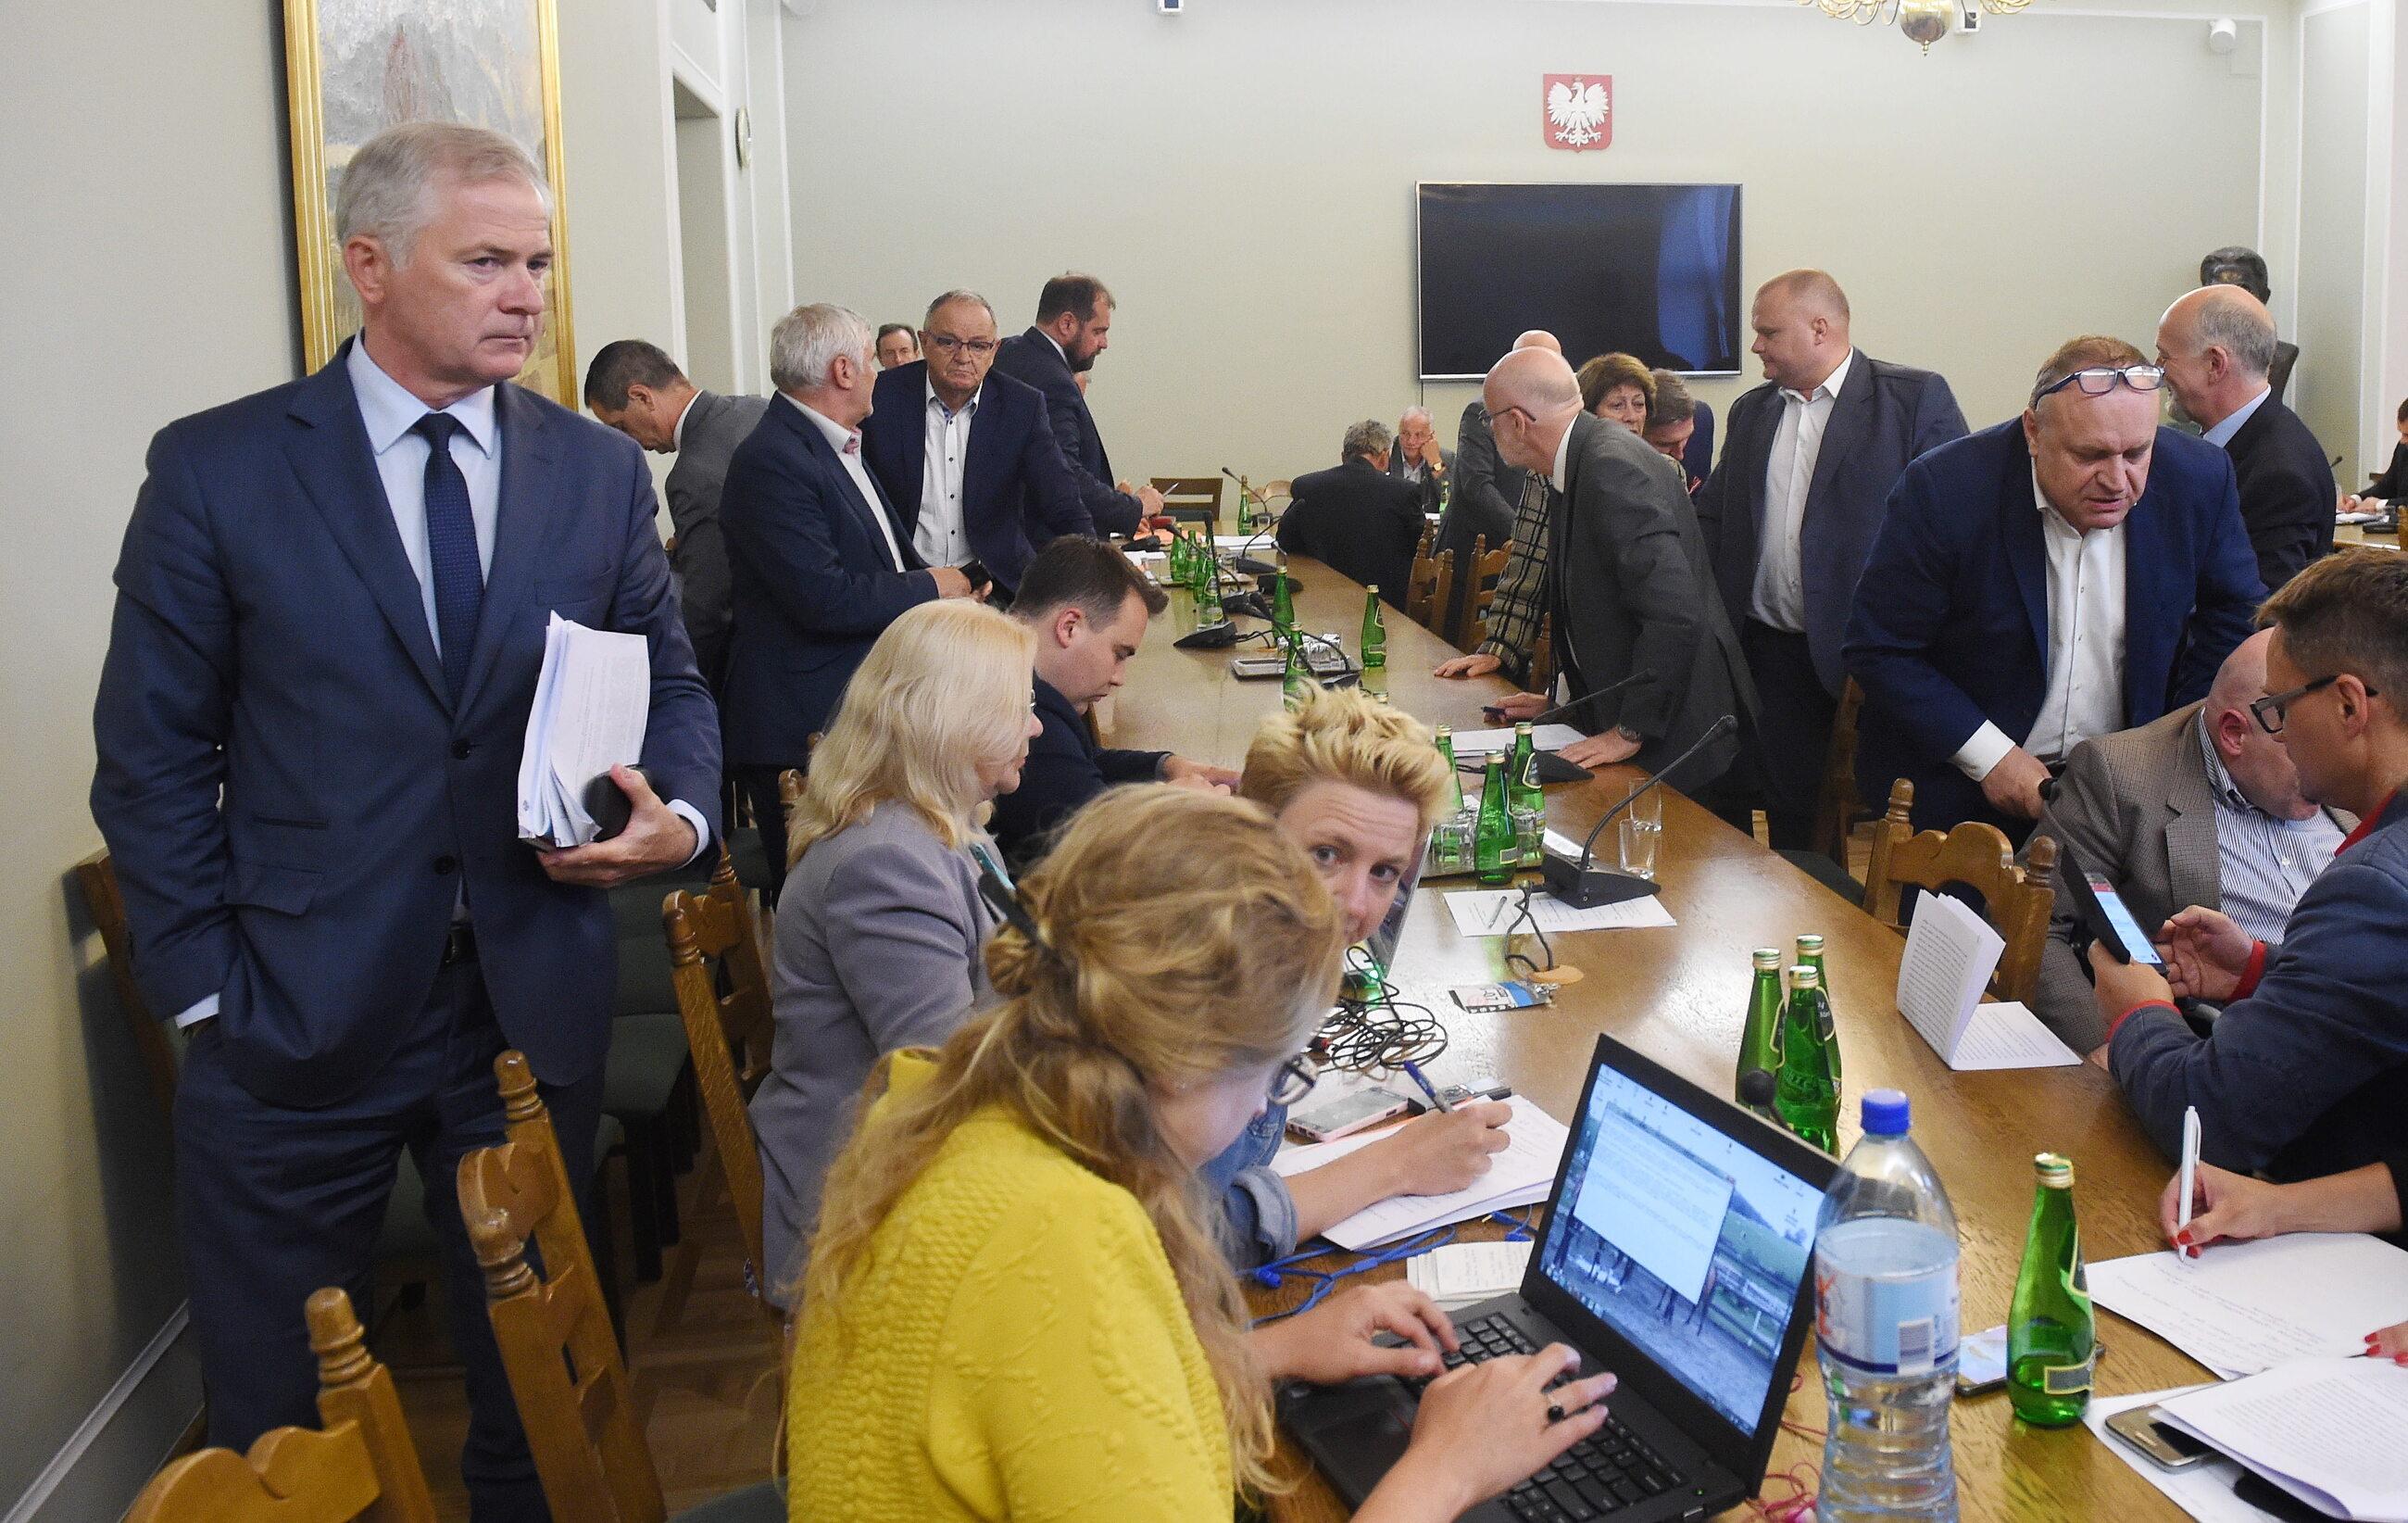 Senatorowie PO opuszczają salę obrad komisji senackiej